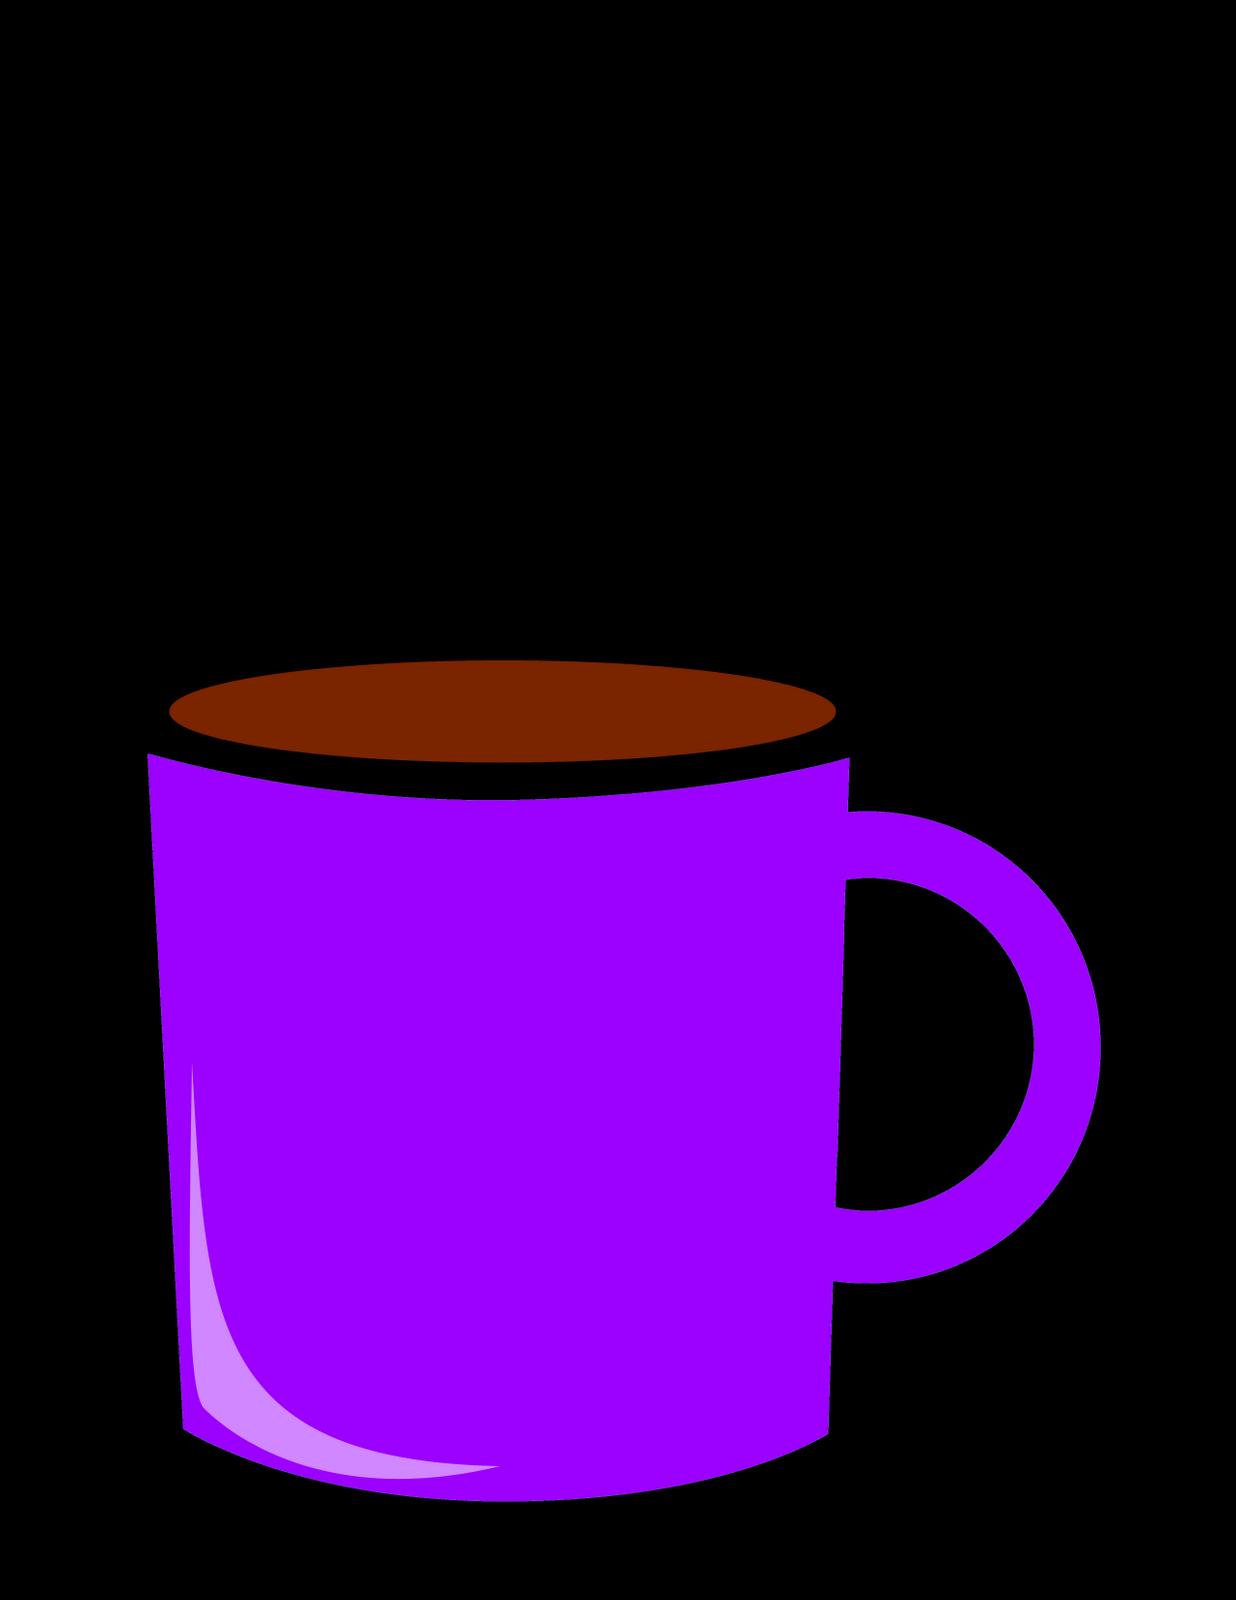 Hot Cocoa Clip Art Clipart Be - Hot Cocoa Clip Art